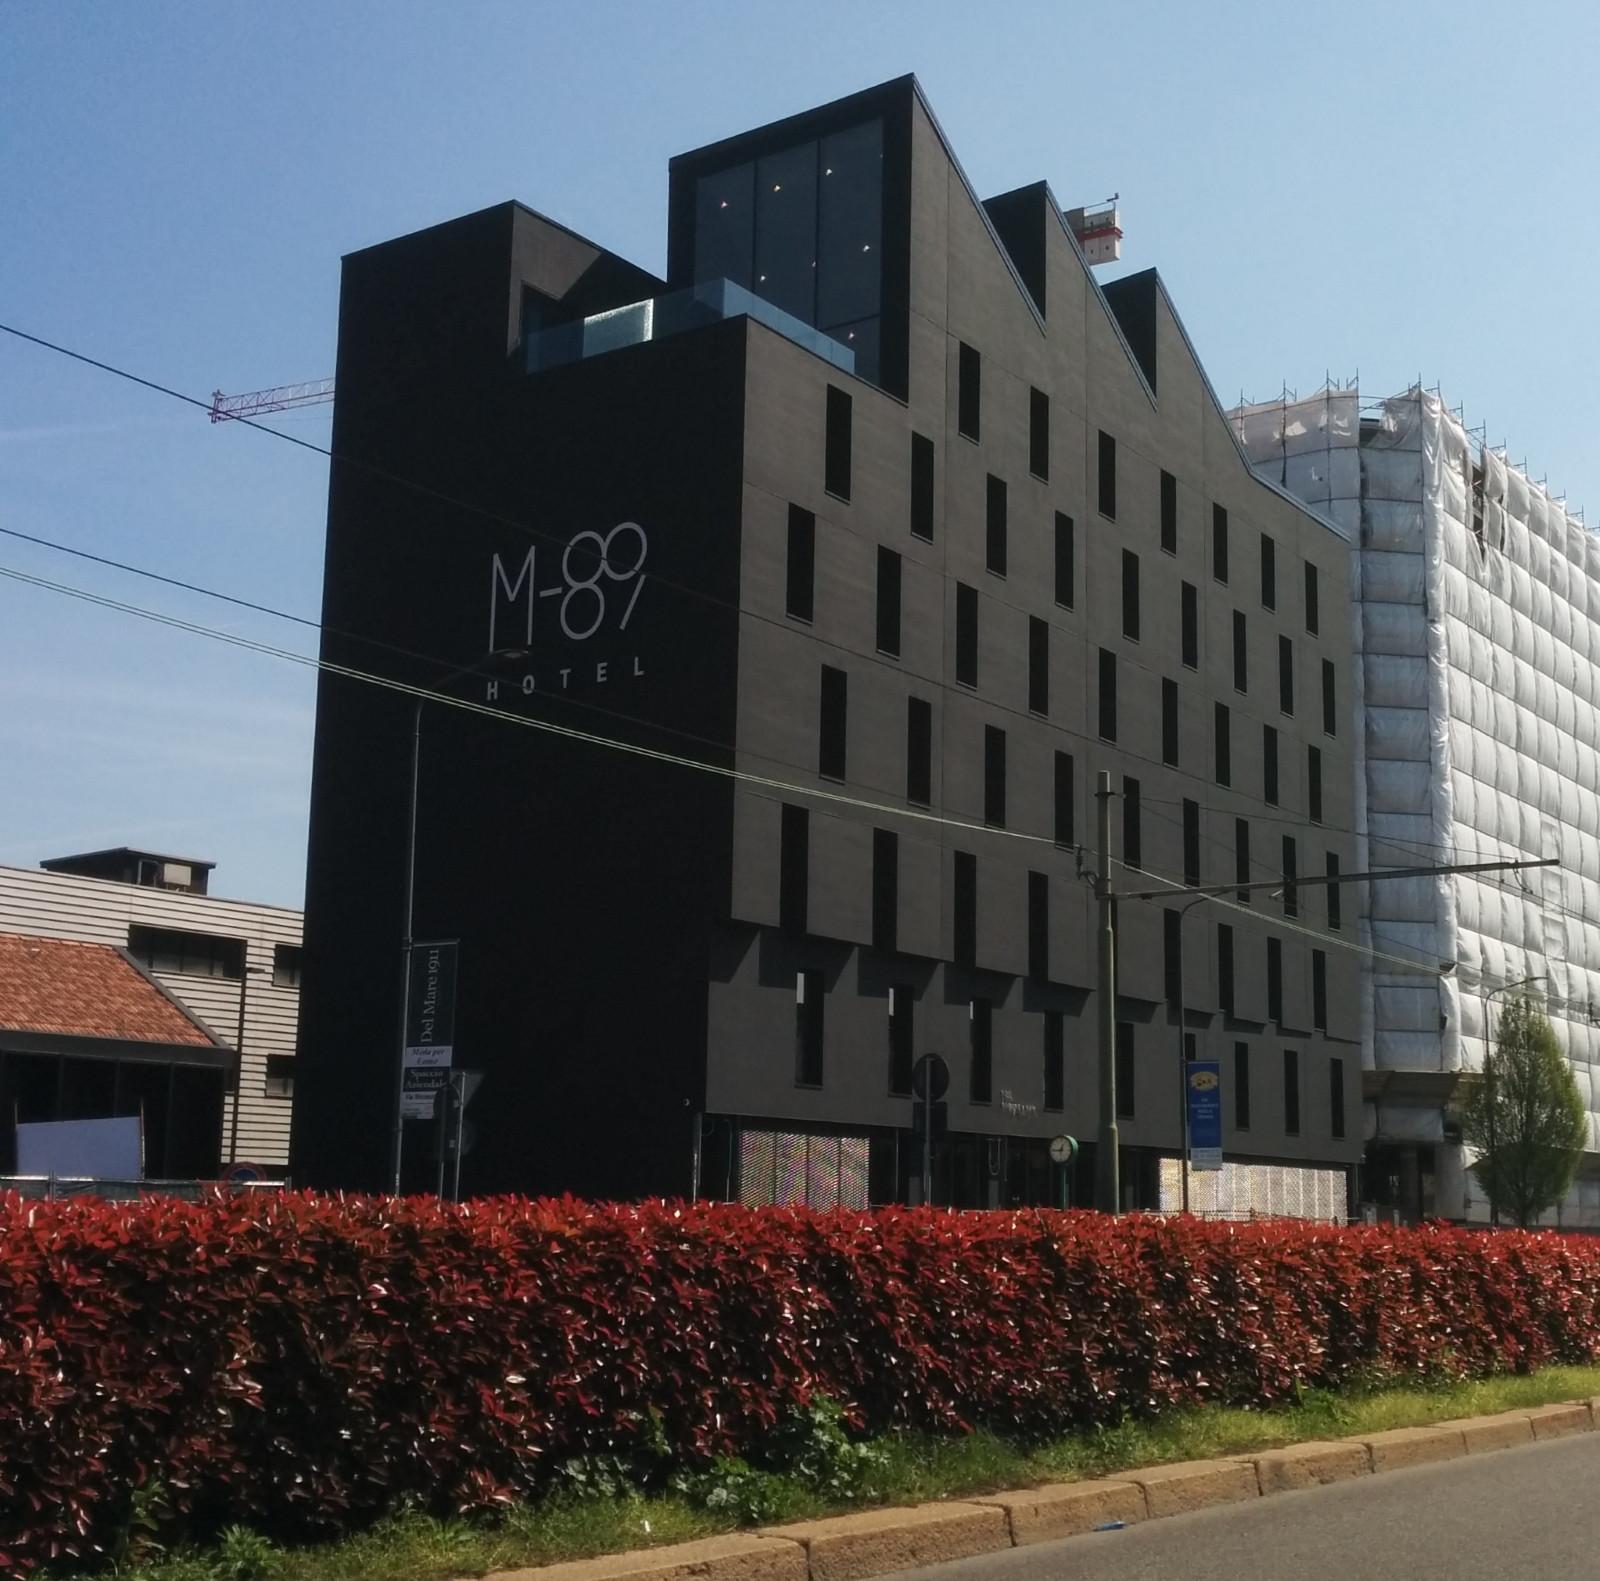 Via Mecenate M89 HOTEL 2